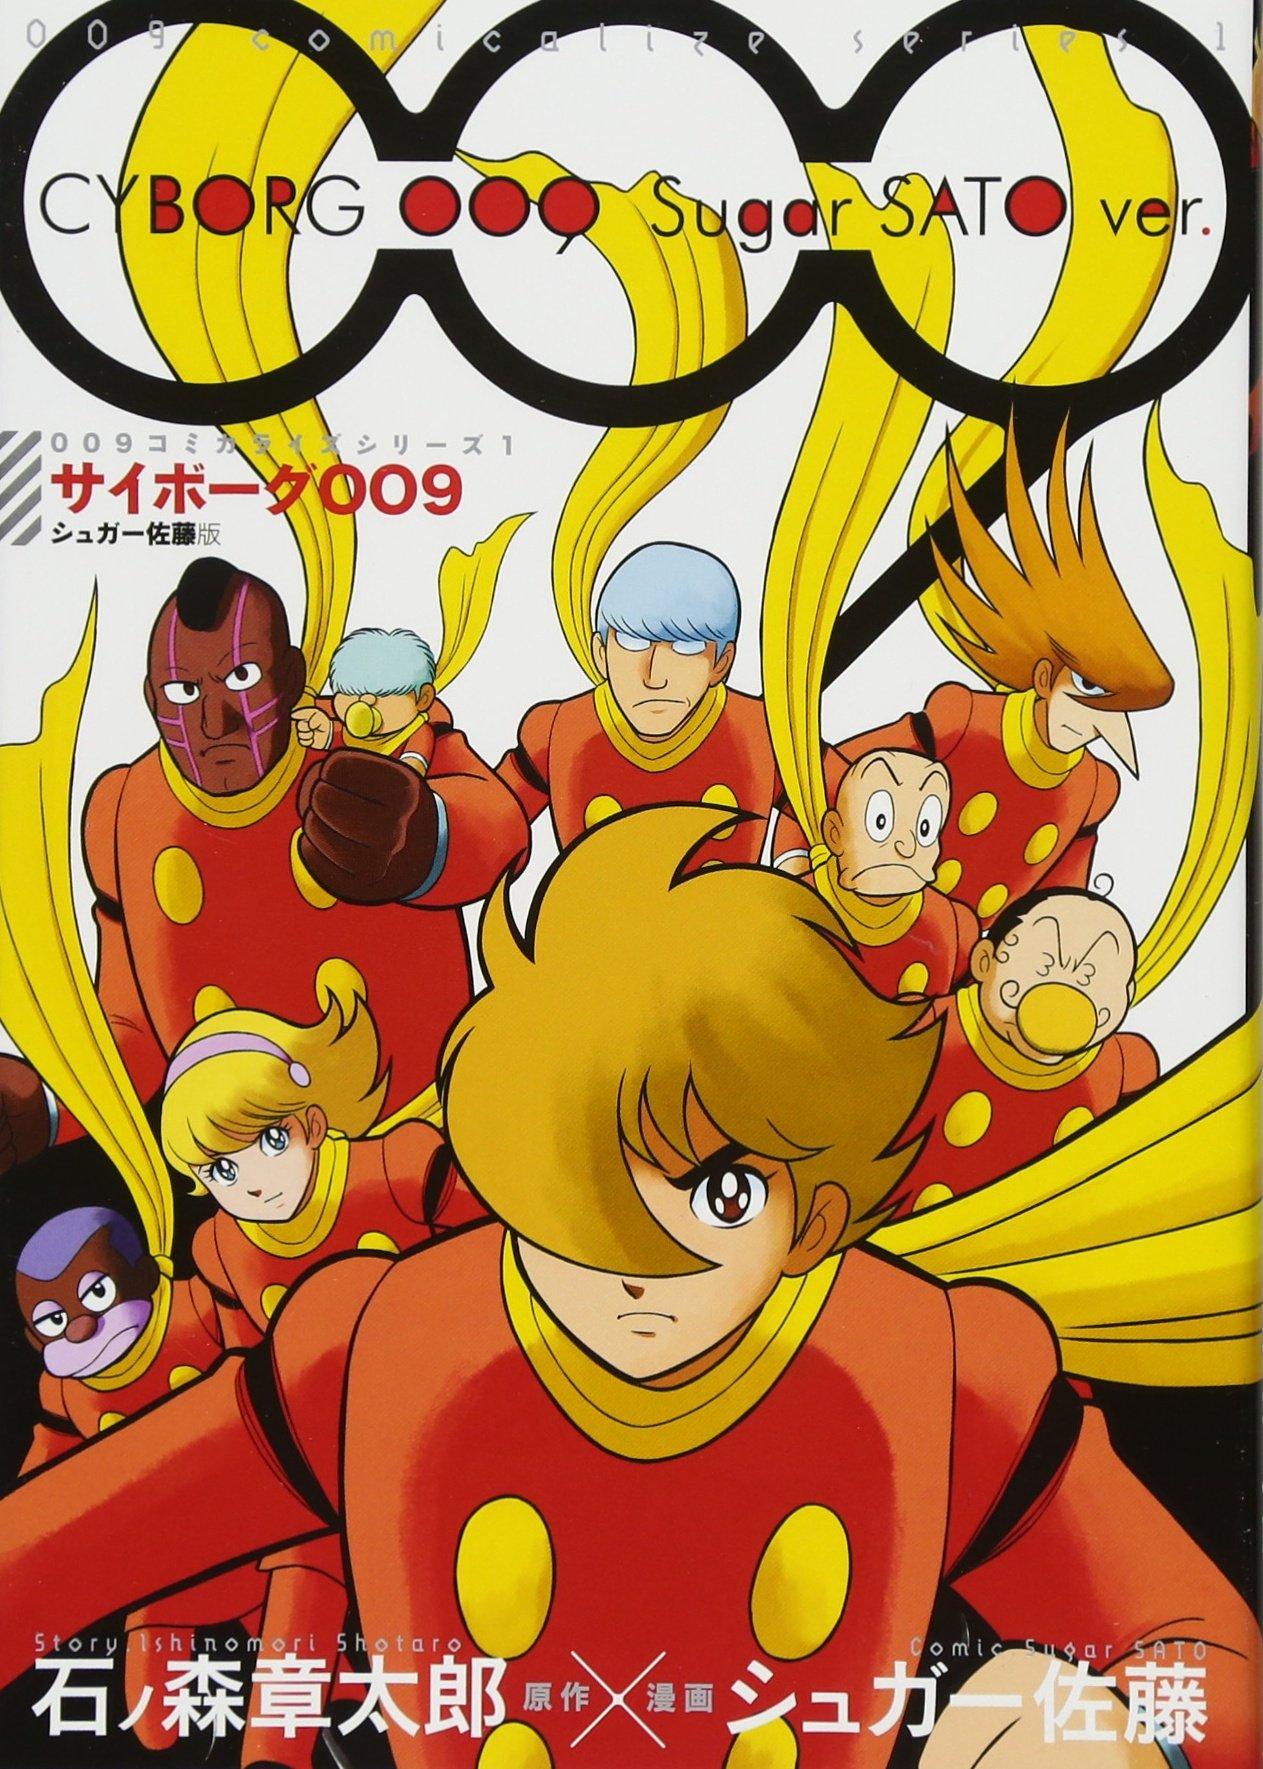 009コミカライズシリーズ1 サイボーグ009 シュガー佐藤版 (009 ...